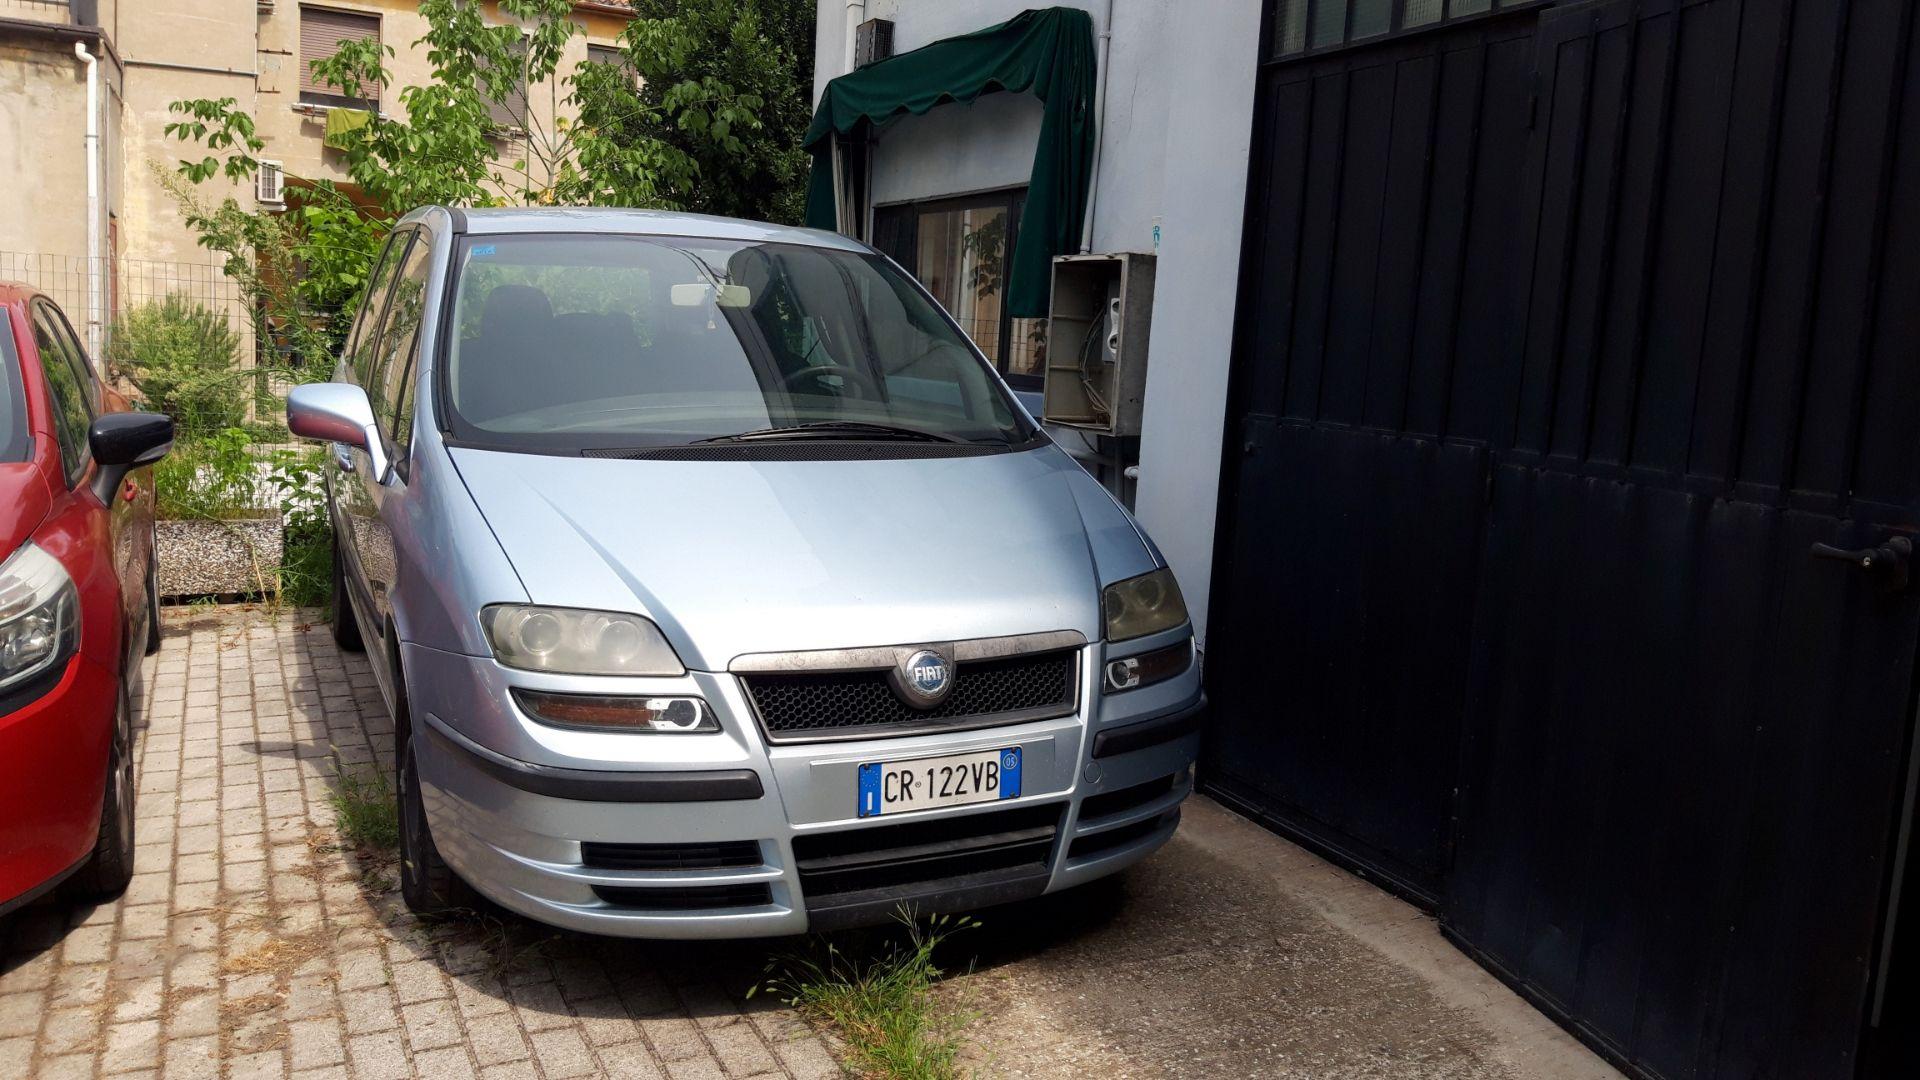 Lot 5 - N. 3 (ES. N° 475/19 IVG N° 5.670) AUTOVETTURA FIAT ULYSSE TG. CR 122 VB, ANNO IMM.2005, GASOLIO €